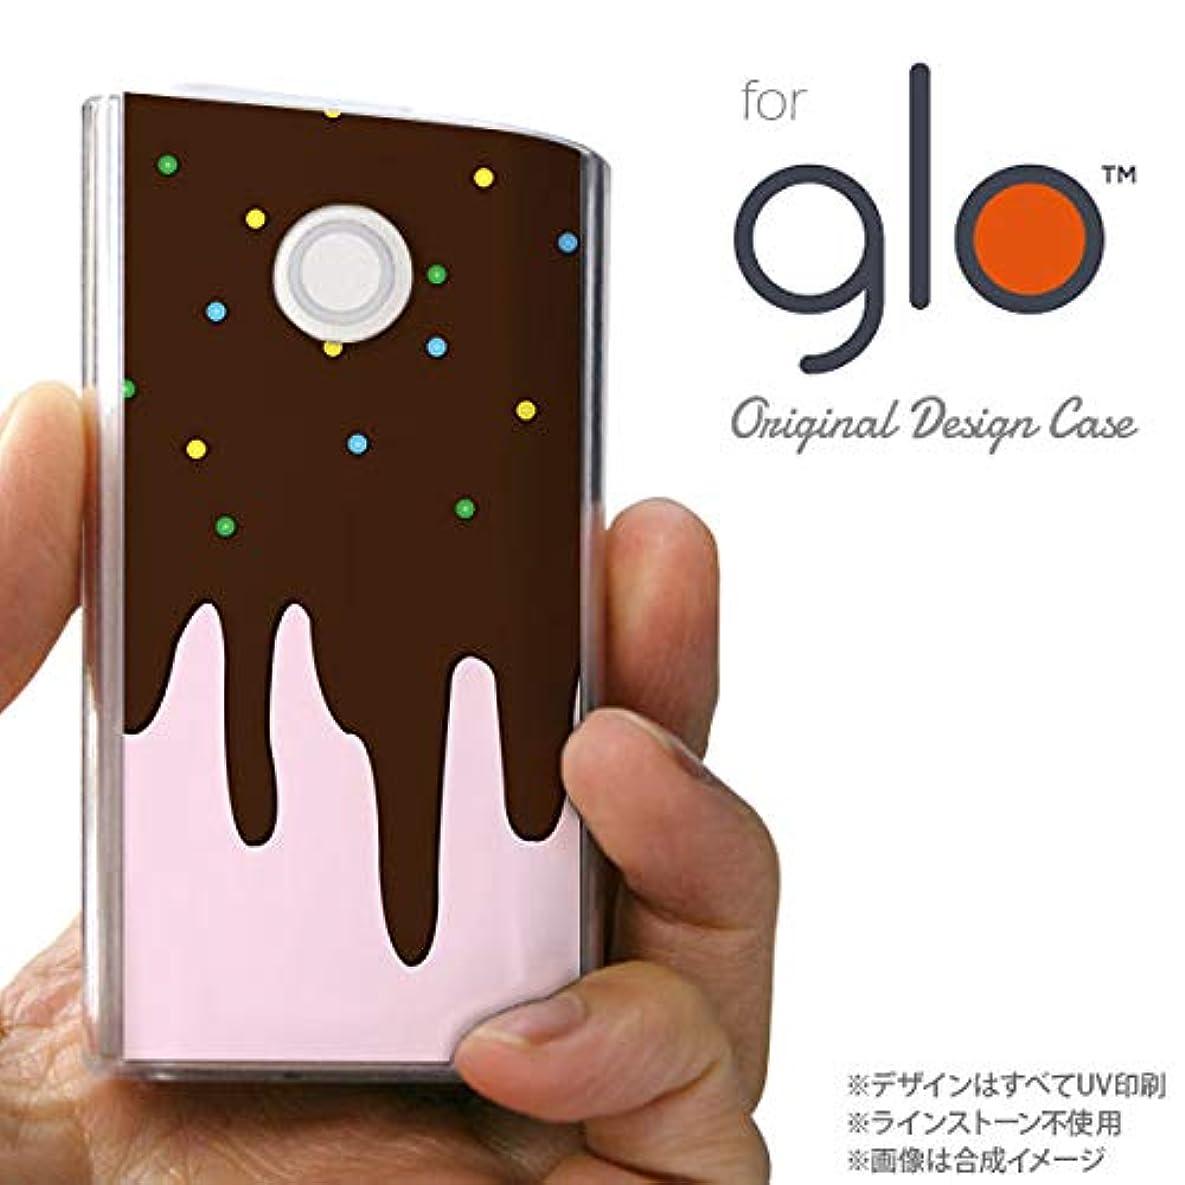 画面業界同意するglo グローケース カバー グロー アイス ピンク nk-glo-347